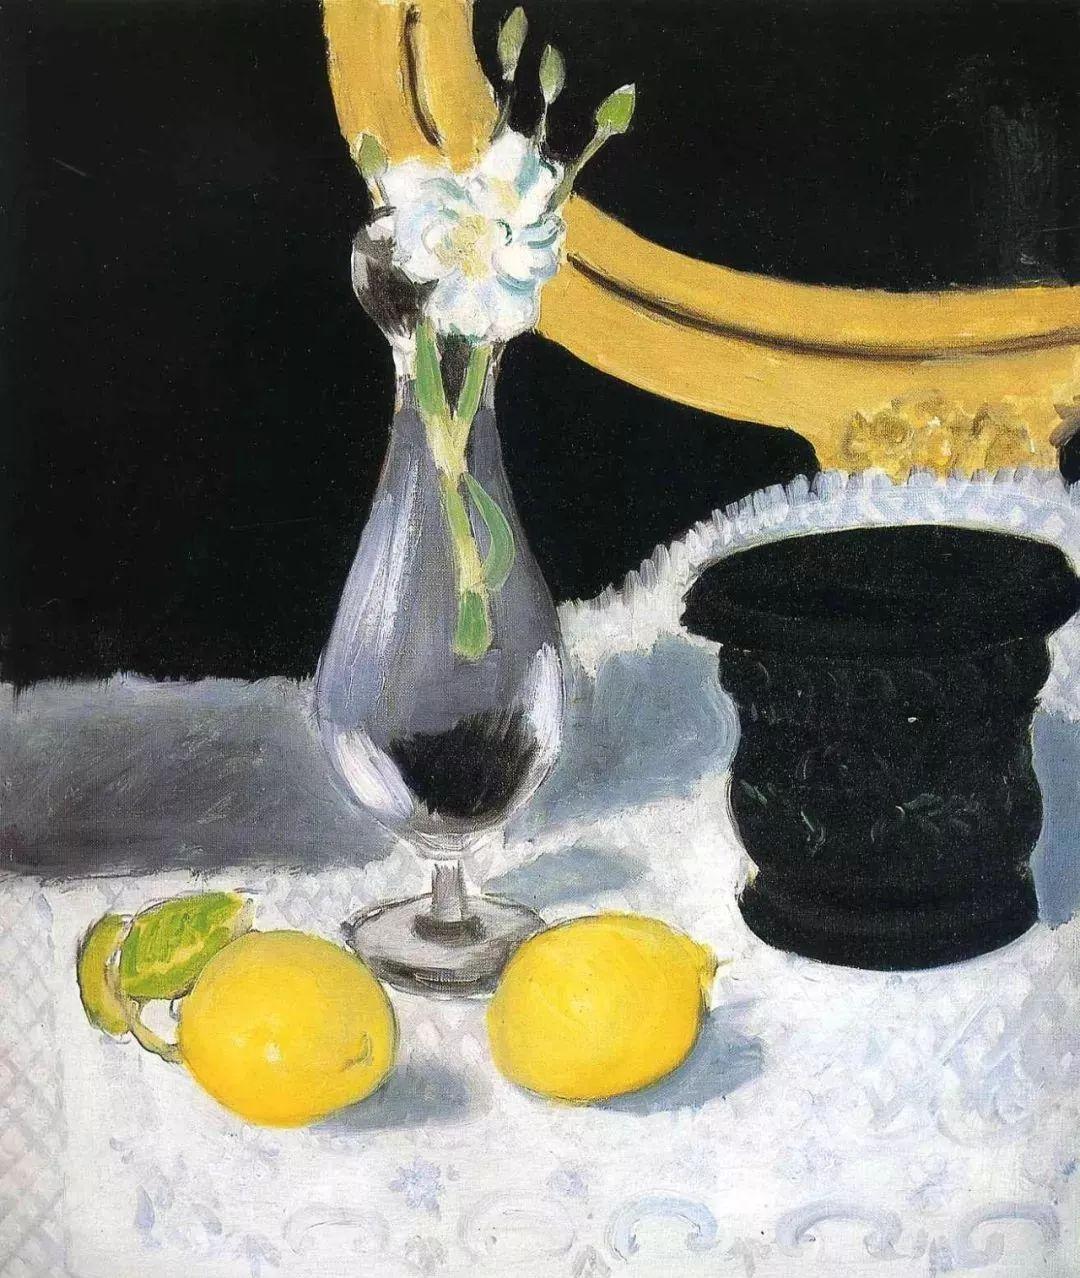 与毕加索并称为20世纪世界美术的两座高峰!马蒂斯静物作品集,震撼出炉!插图69